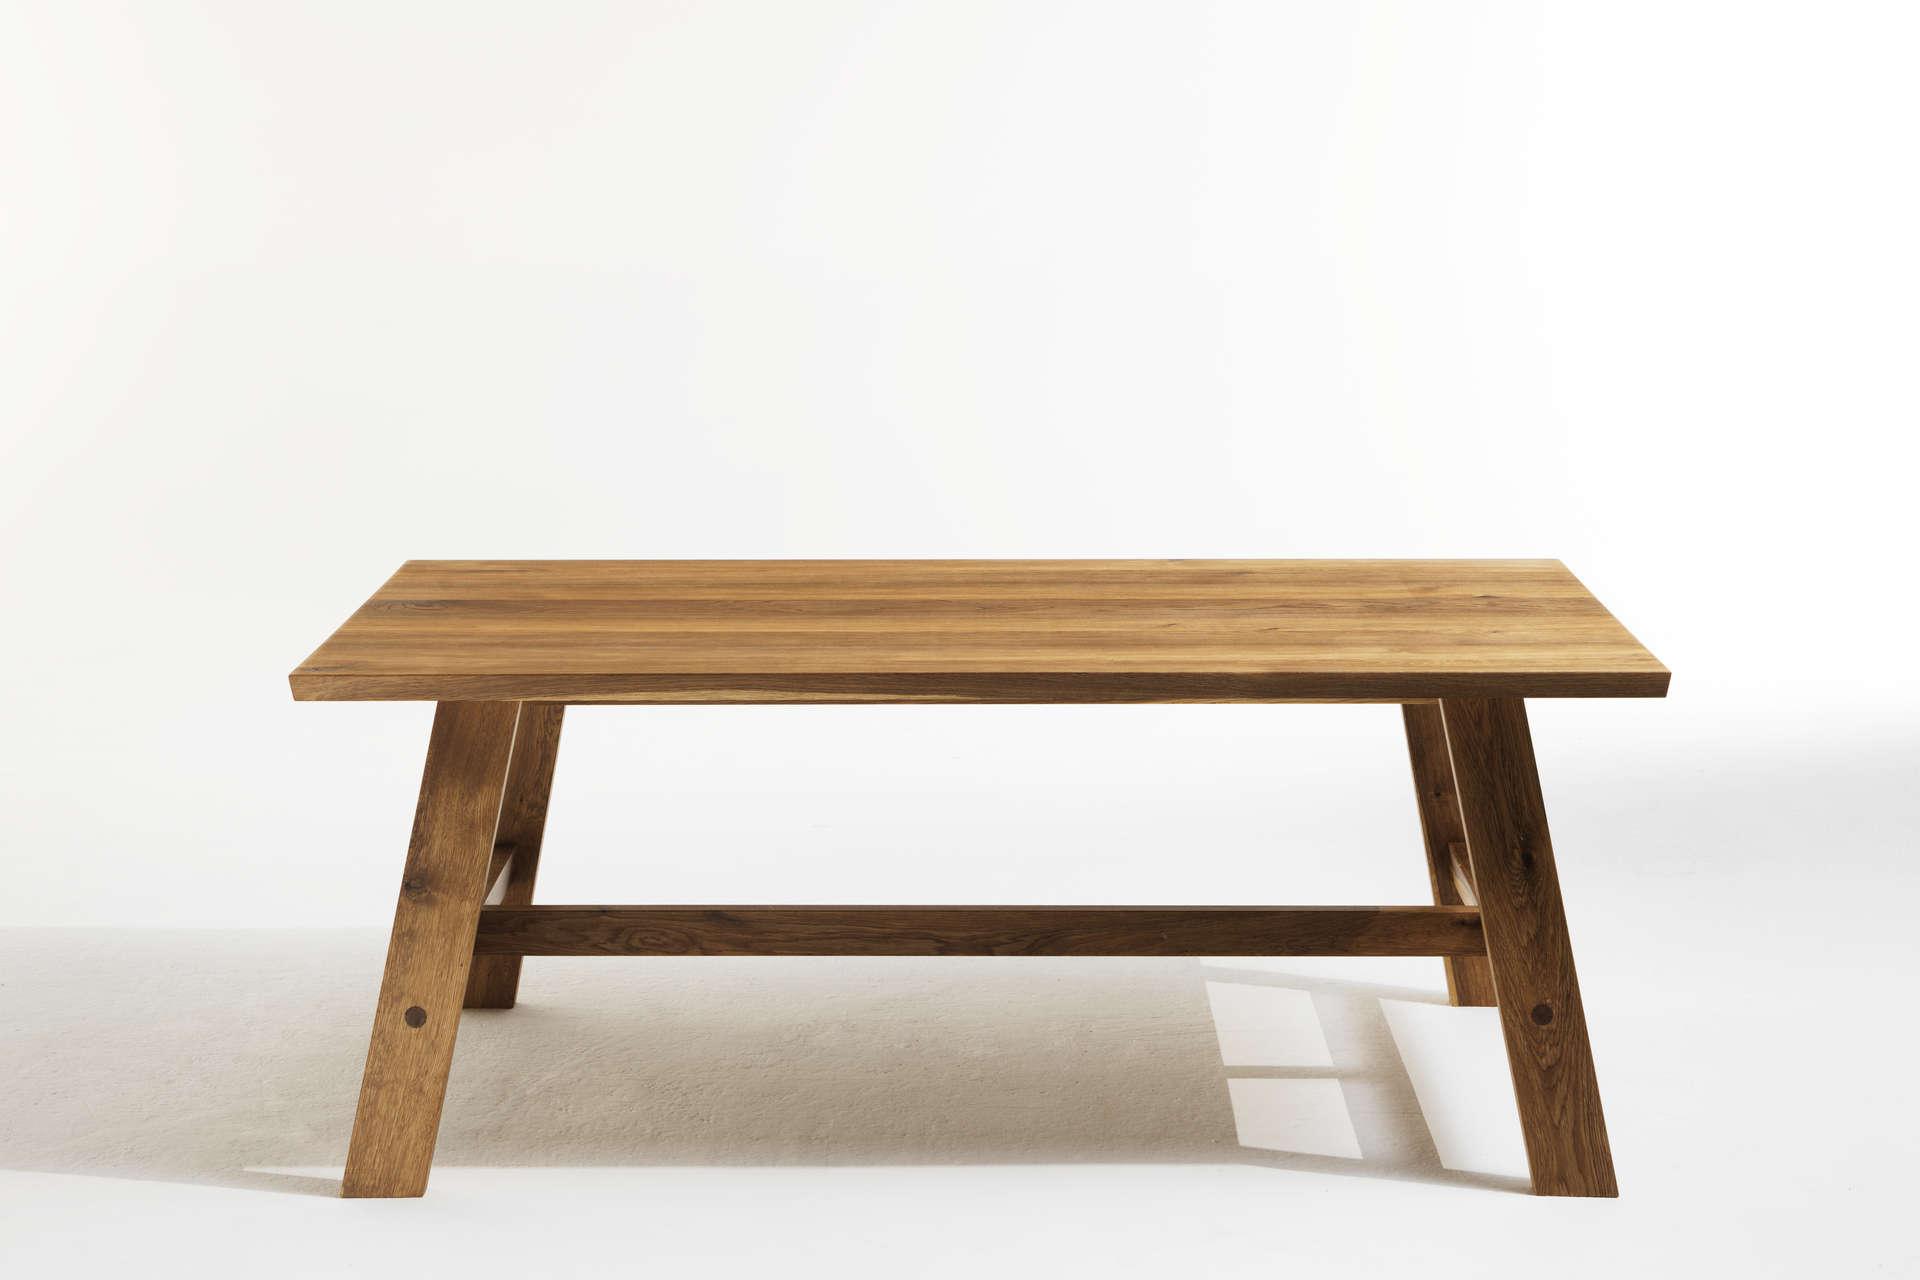 Moderner Bauerntisch aus Eiche Massivholz.